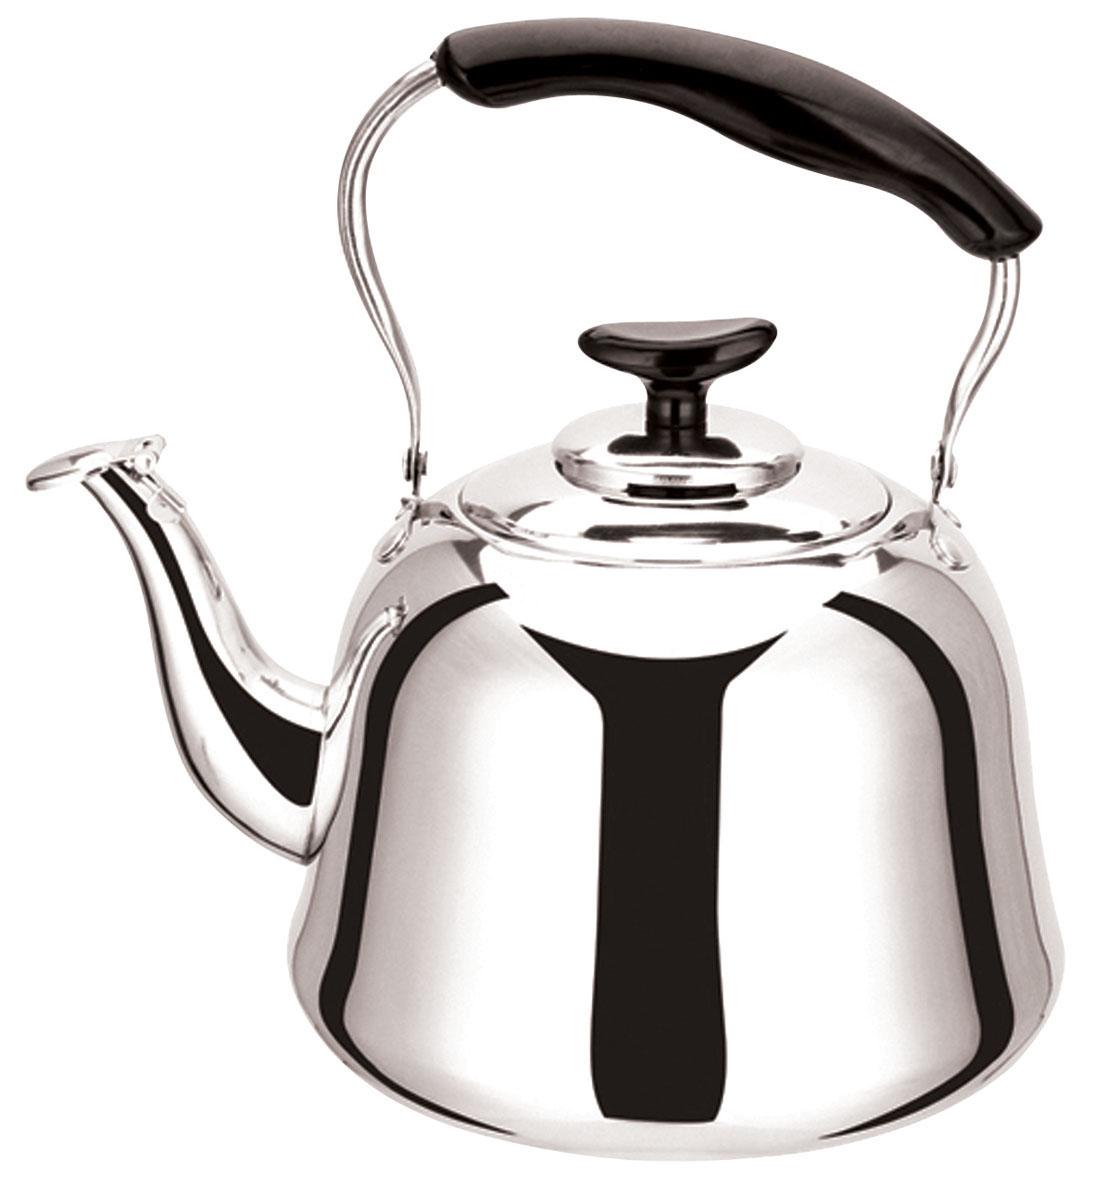 Чайник Bekker Koch со свистком, 4 л. BK-S478BK-S478Чайник Bekker Koch изготовлен из высококачественной нержавеющей стали с зеркальной полировкой. Цельнометаллическое дно распределяет тепло по всей поверхности, что позволяет чайнику быстро закипать. Эргономичная подвижная ручка выполнена из нержавеющей стали и бакелита черного цвета. Носик оснащен откидным свистком, который подскажет, когда вода закипела. Широкое отверстие по верхнему краю позволяет удобно наливать воду.Подходит для всех типов плит, включая индукционные. Можно мыть в посудомоечной машине.